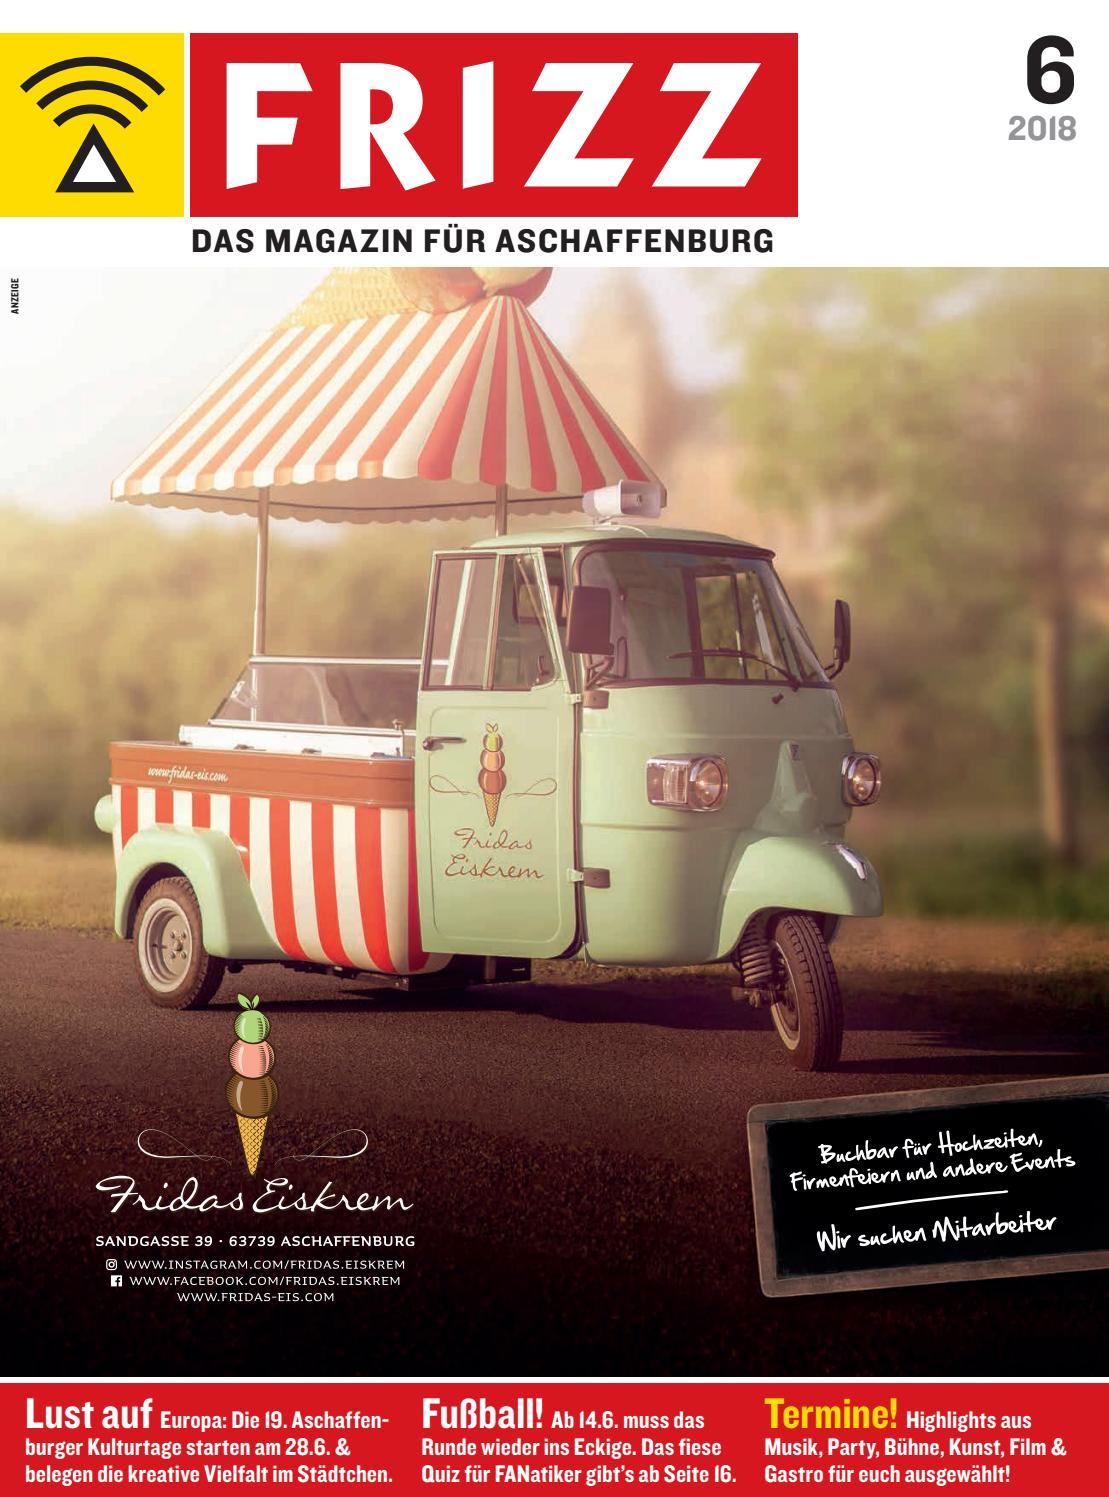 FRIZZ Aschaffenburg 06|2018 by MorgenWelt Verlag - issuu